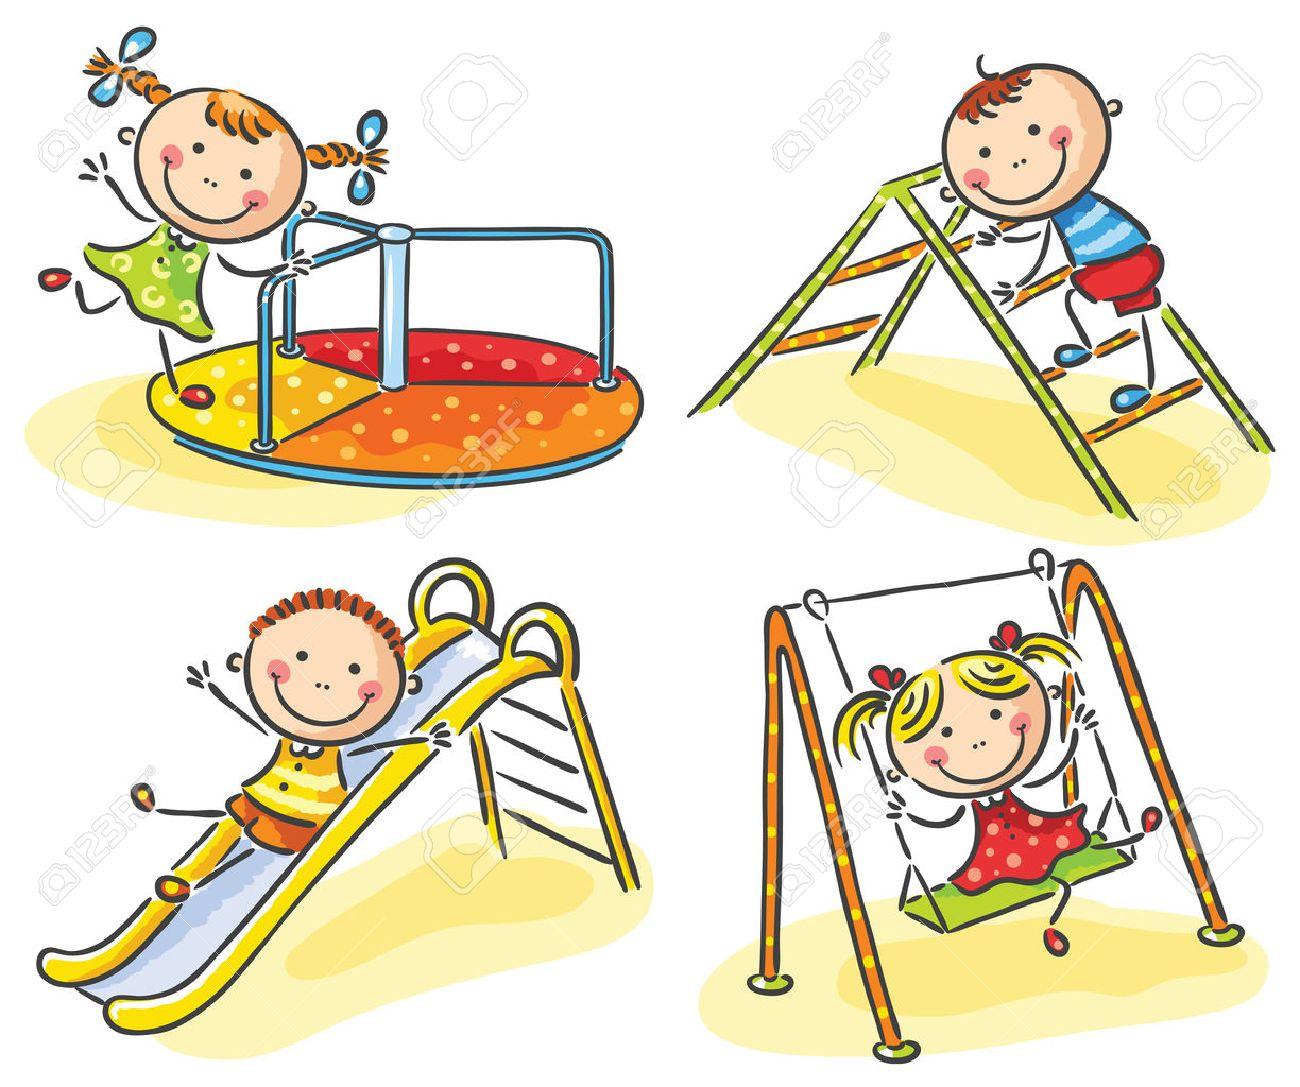 Рисунок на тему дети играют на детской площадке 2